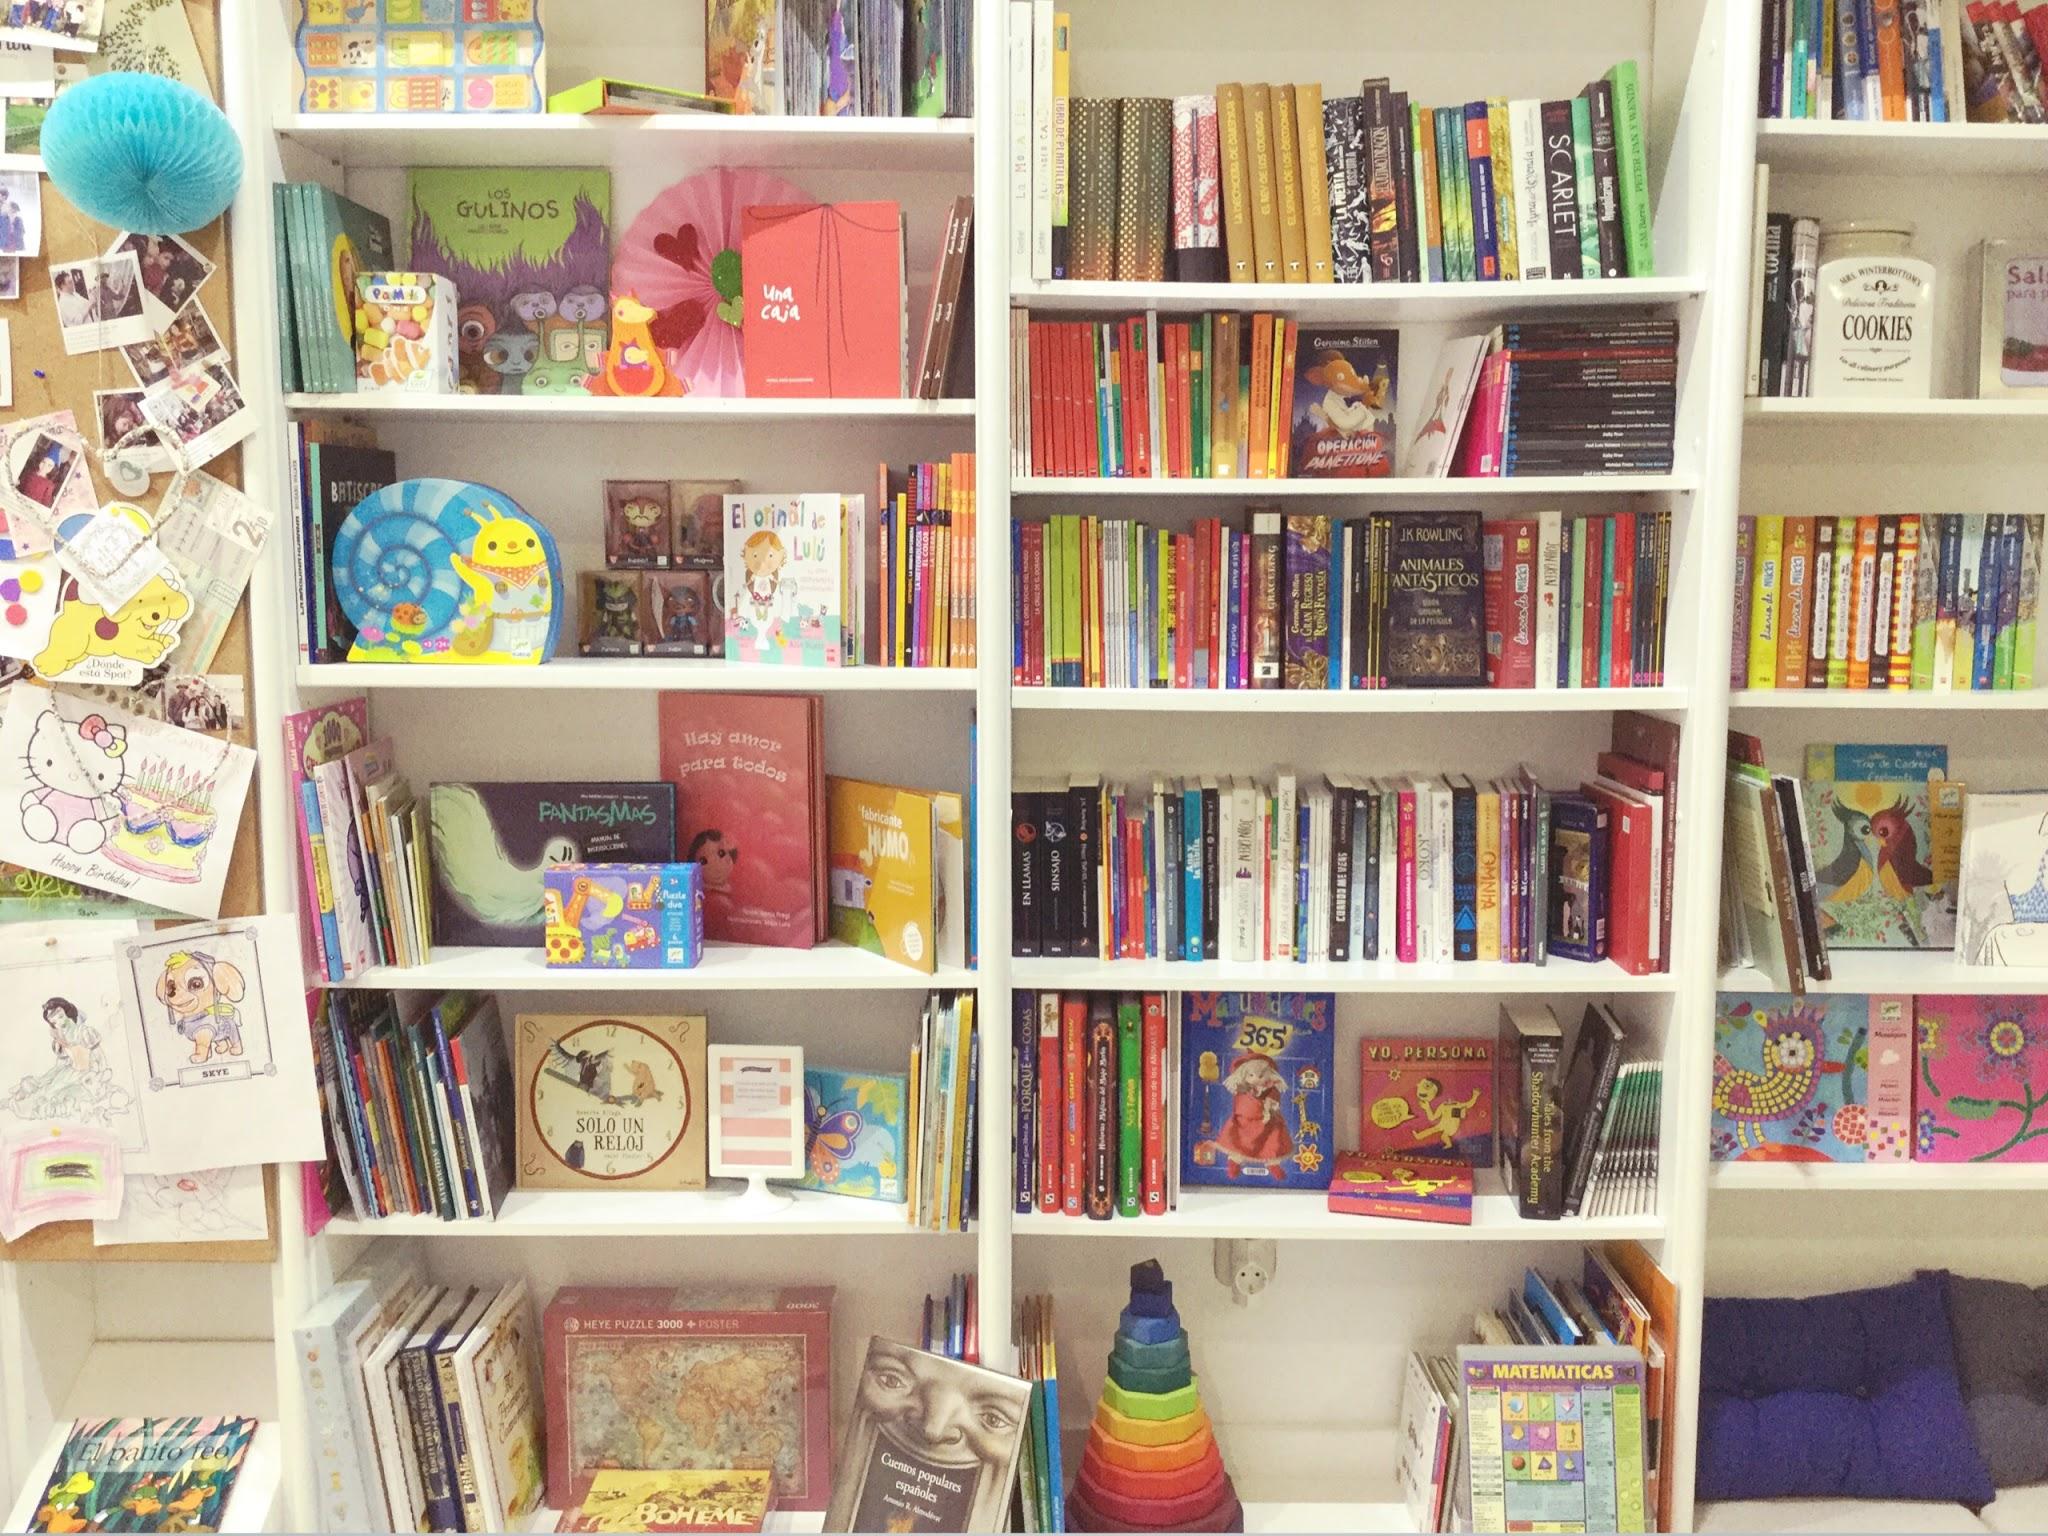 librería libros 10 almansa